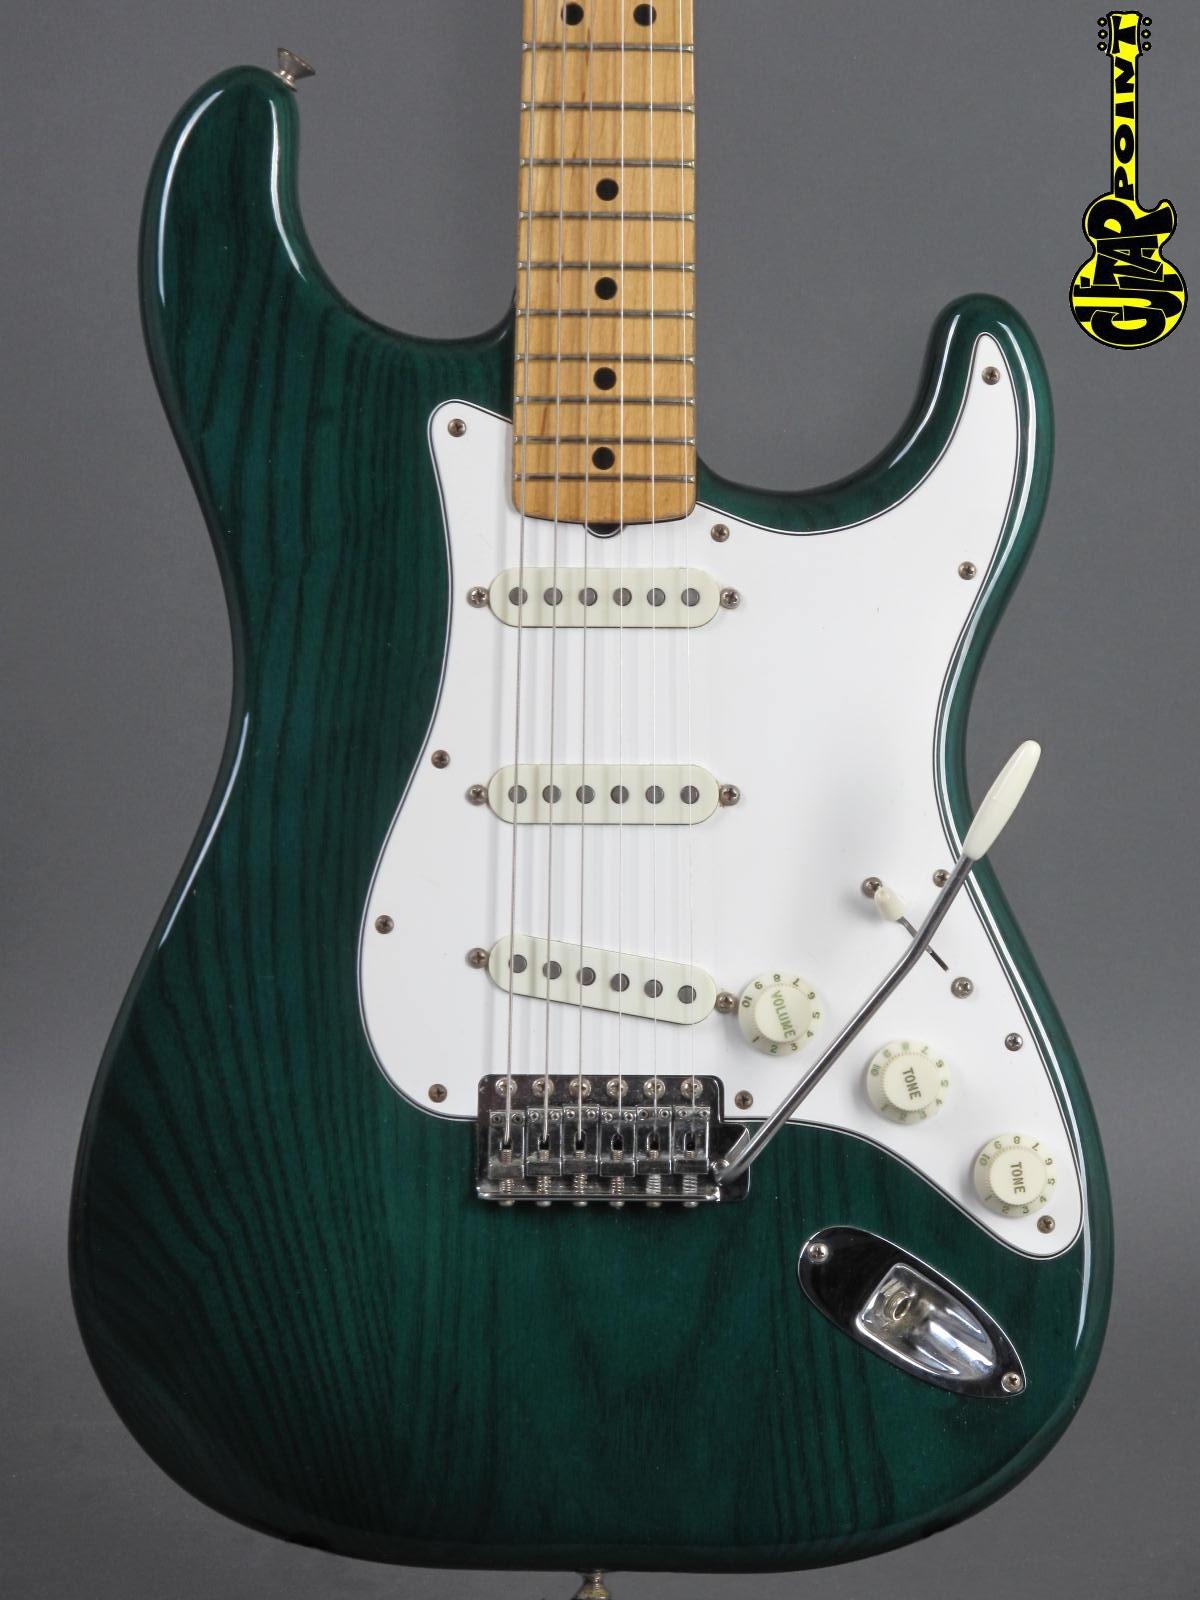 1982 Fender Stratocaster - Emerald Green (Dan Smith aera)